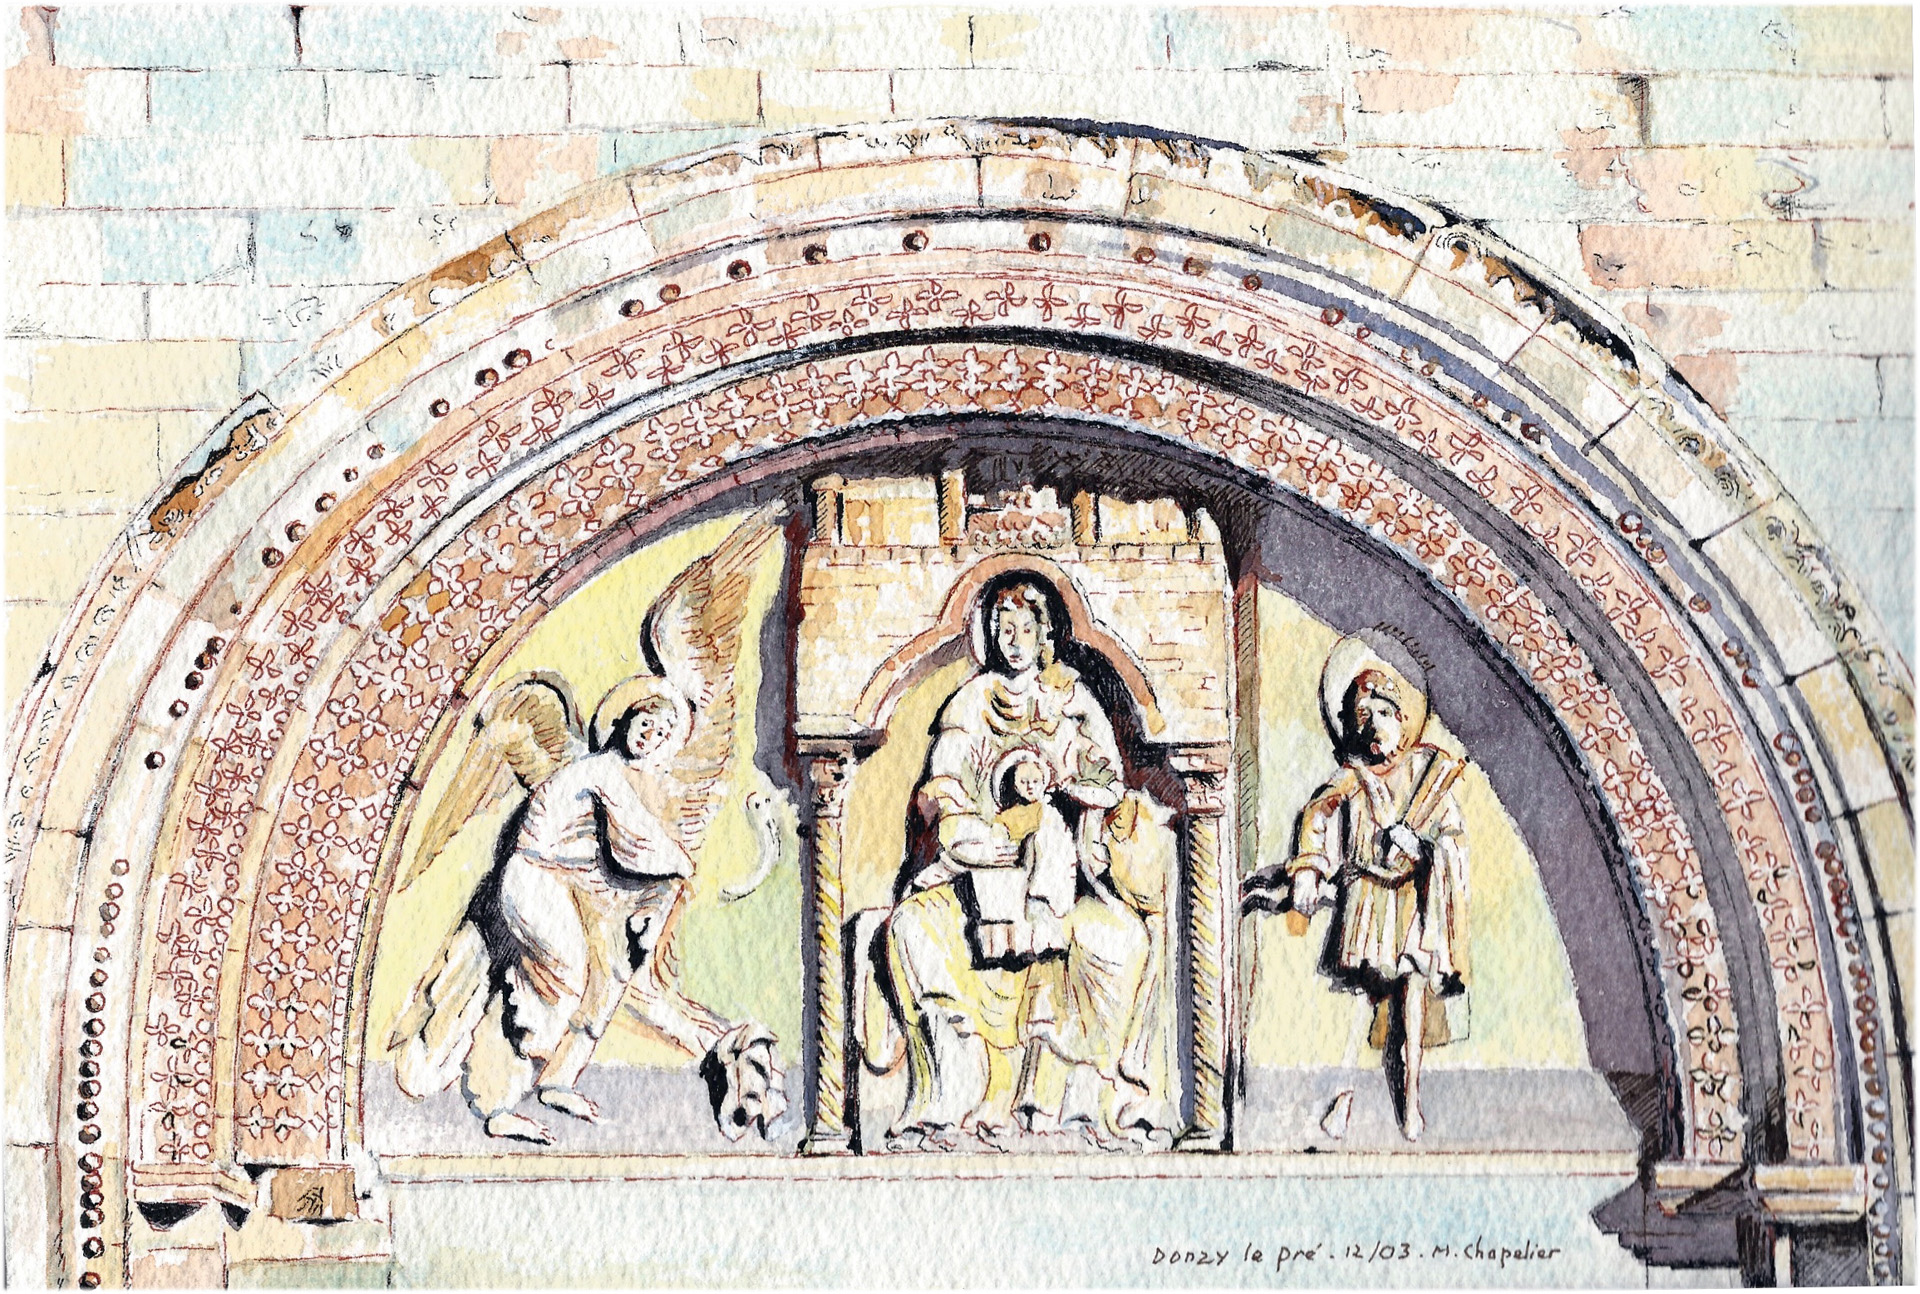 A02 Donzy le pré - Tympan du 12ème siècle